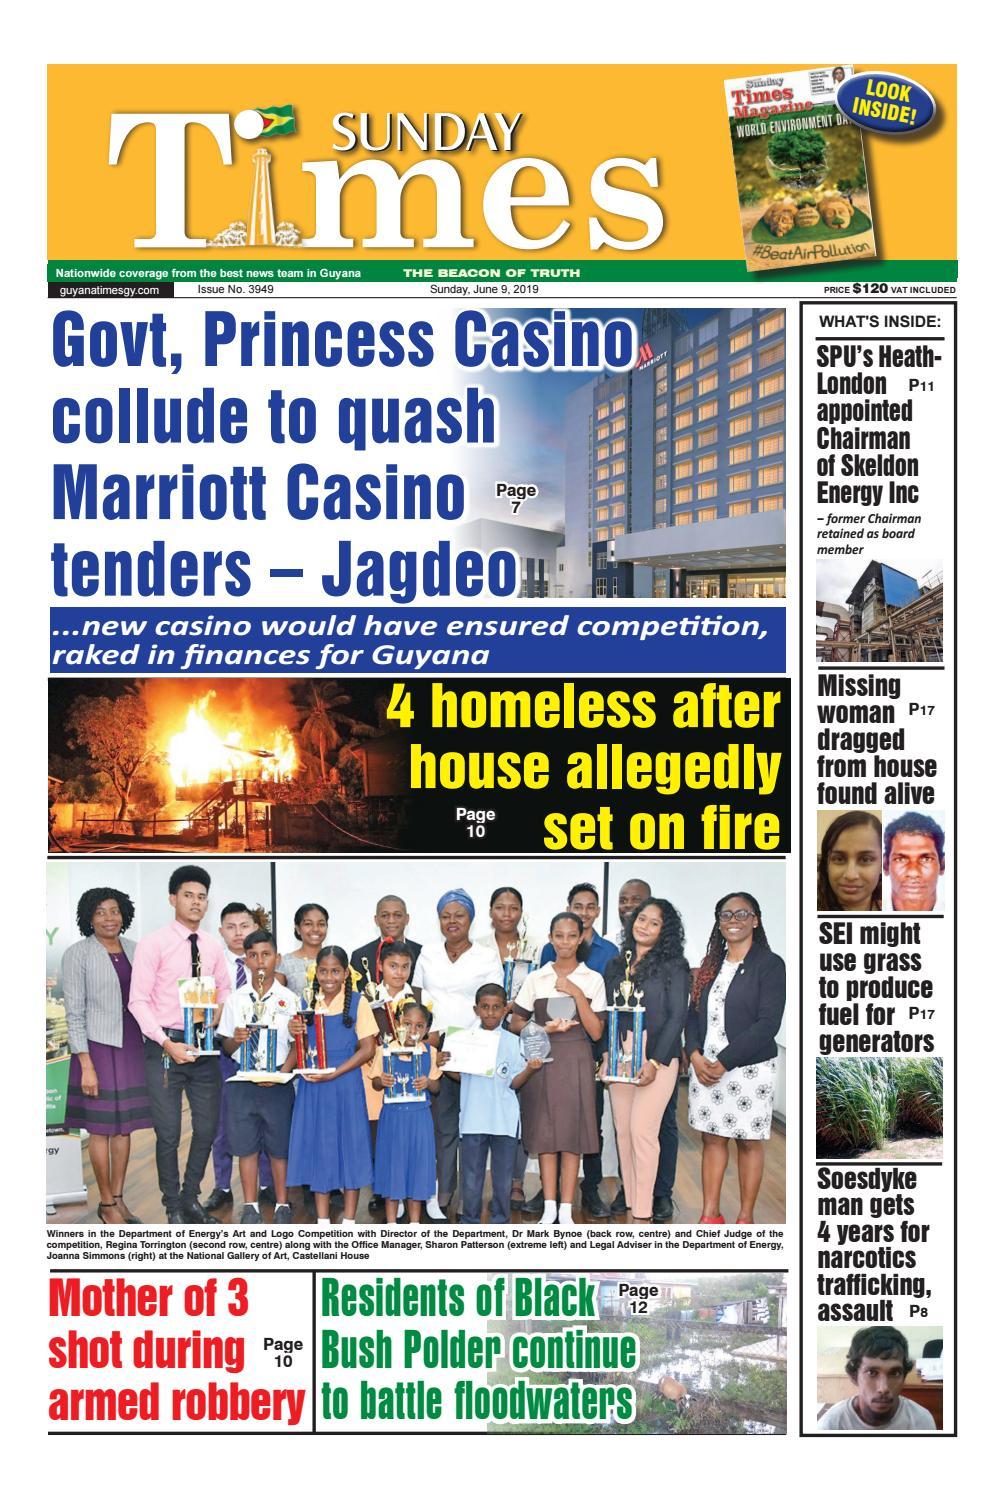 Guyana Times - Sunday, June 9, 2019 by Gytimes - issuu